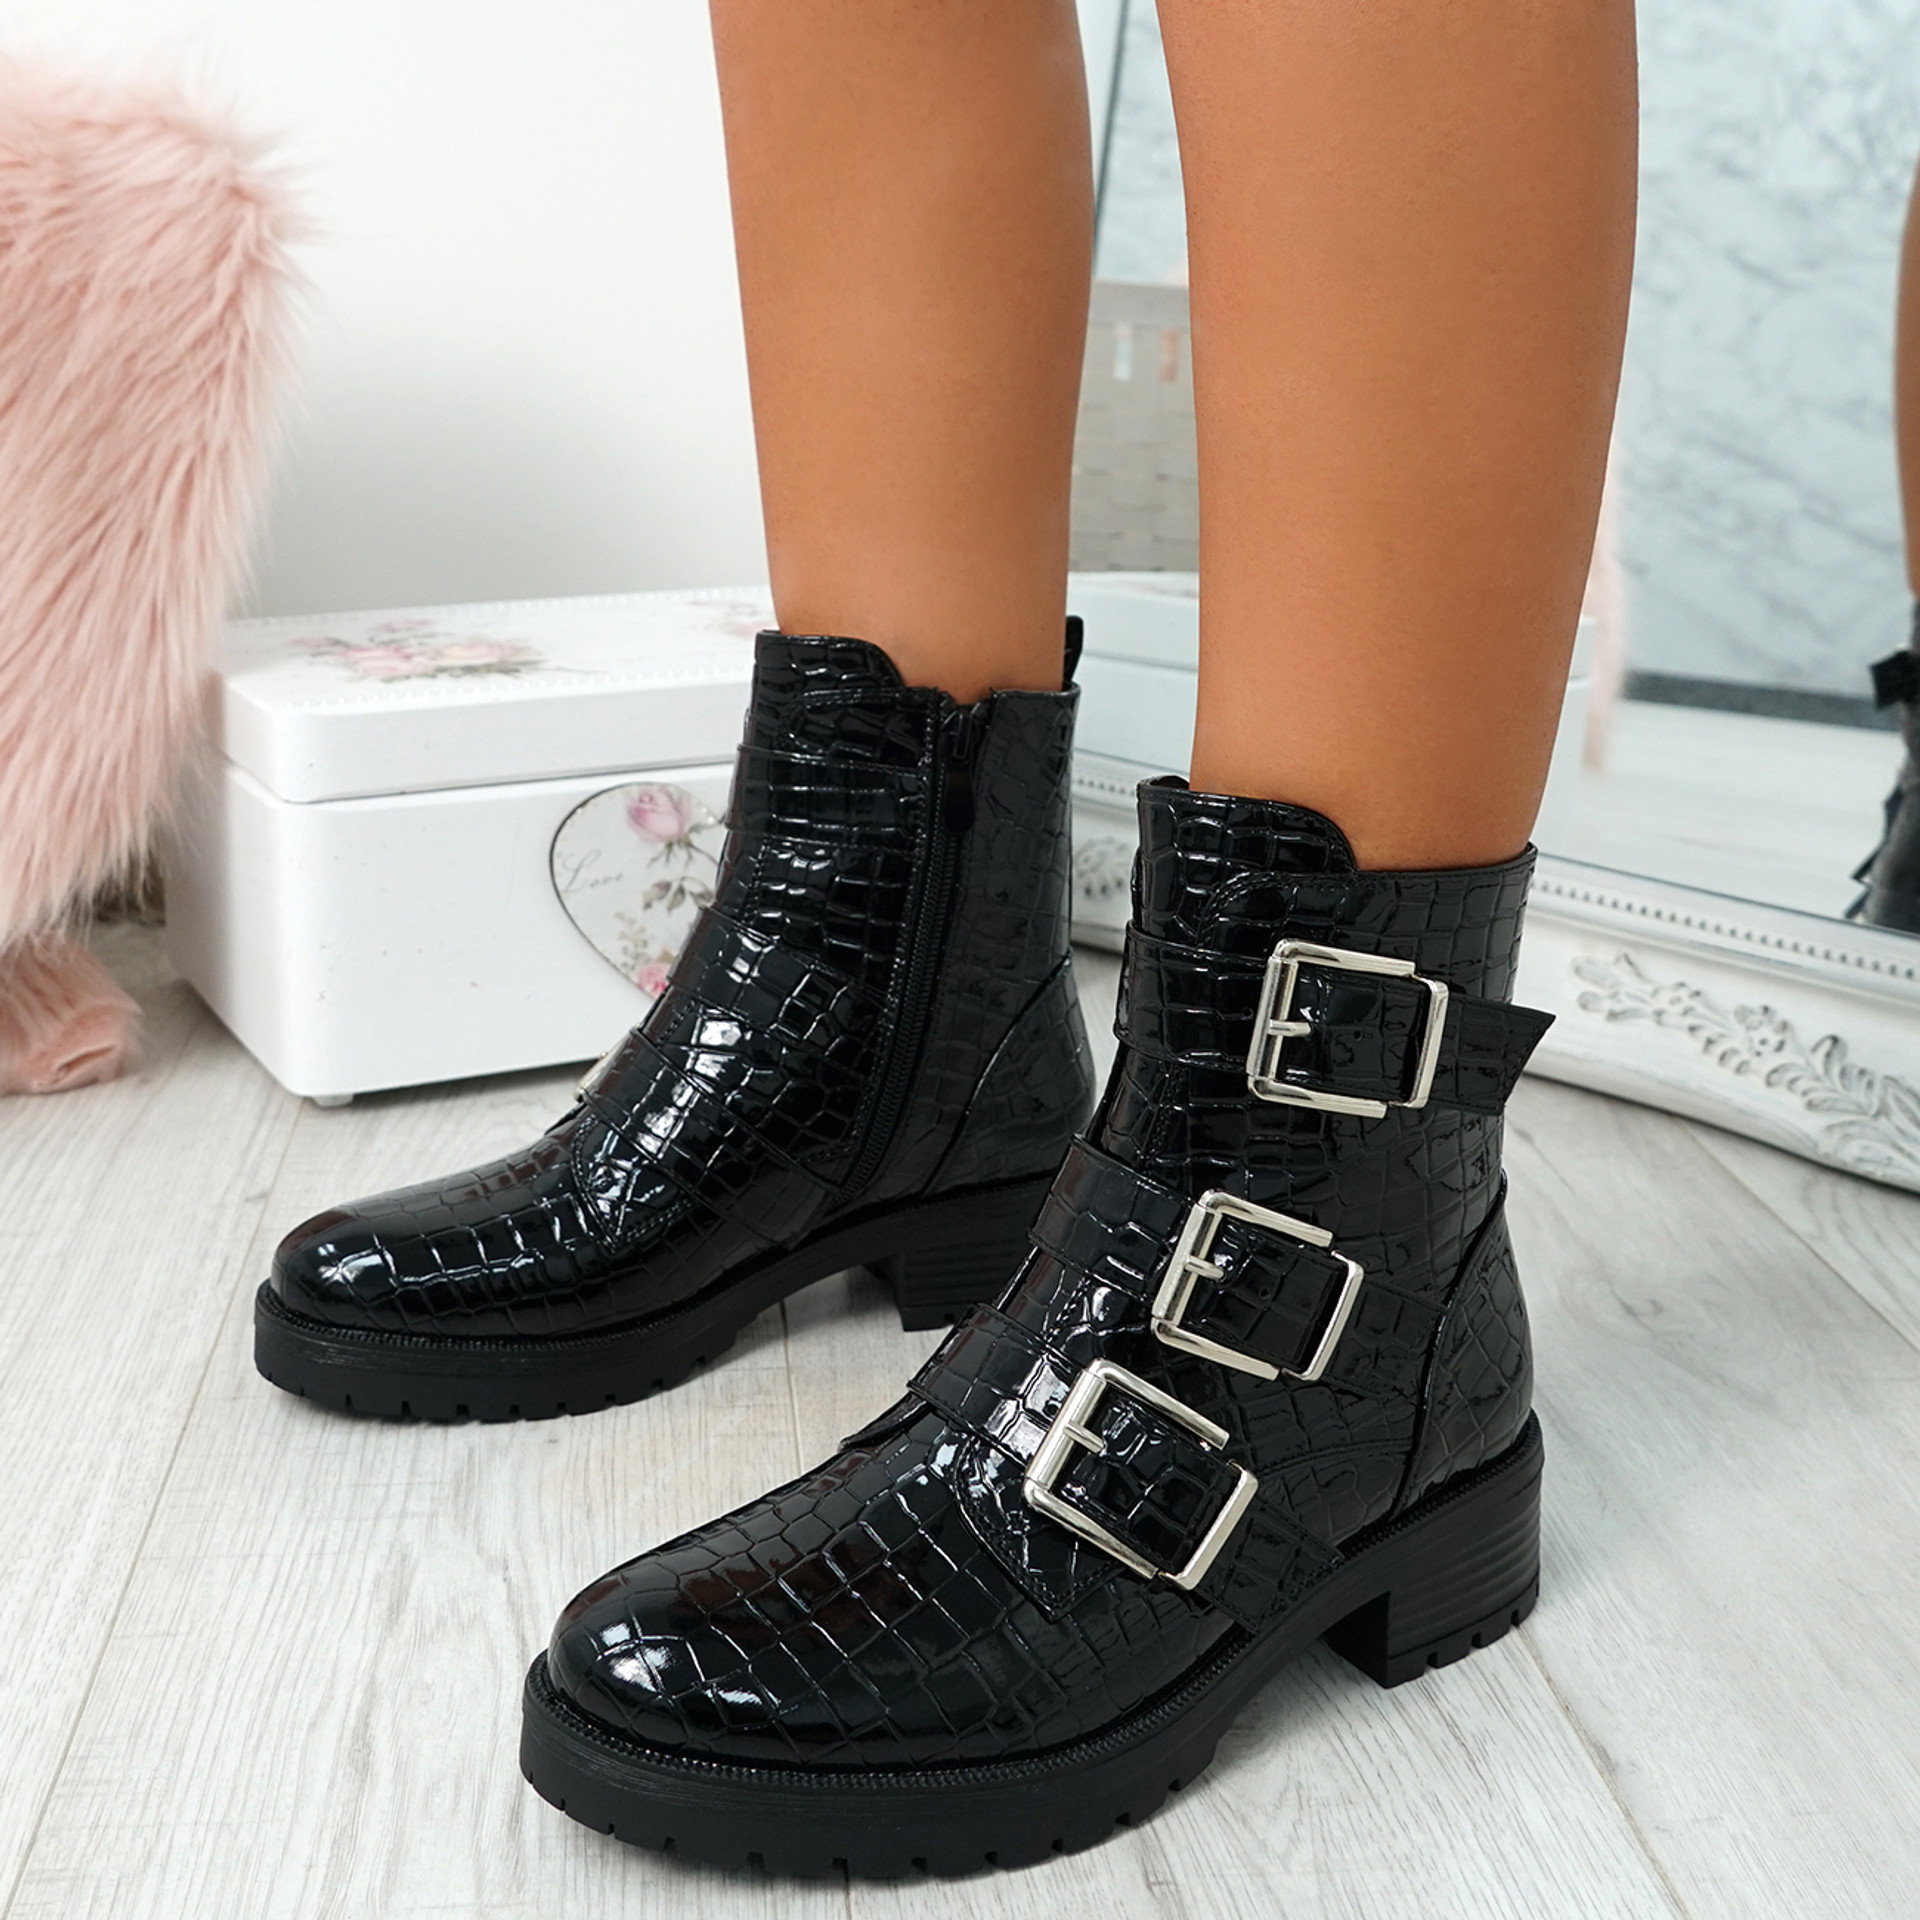 Enta Black Biker Ankle Boots